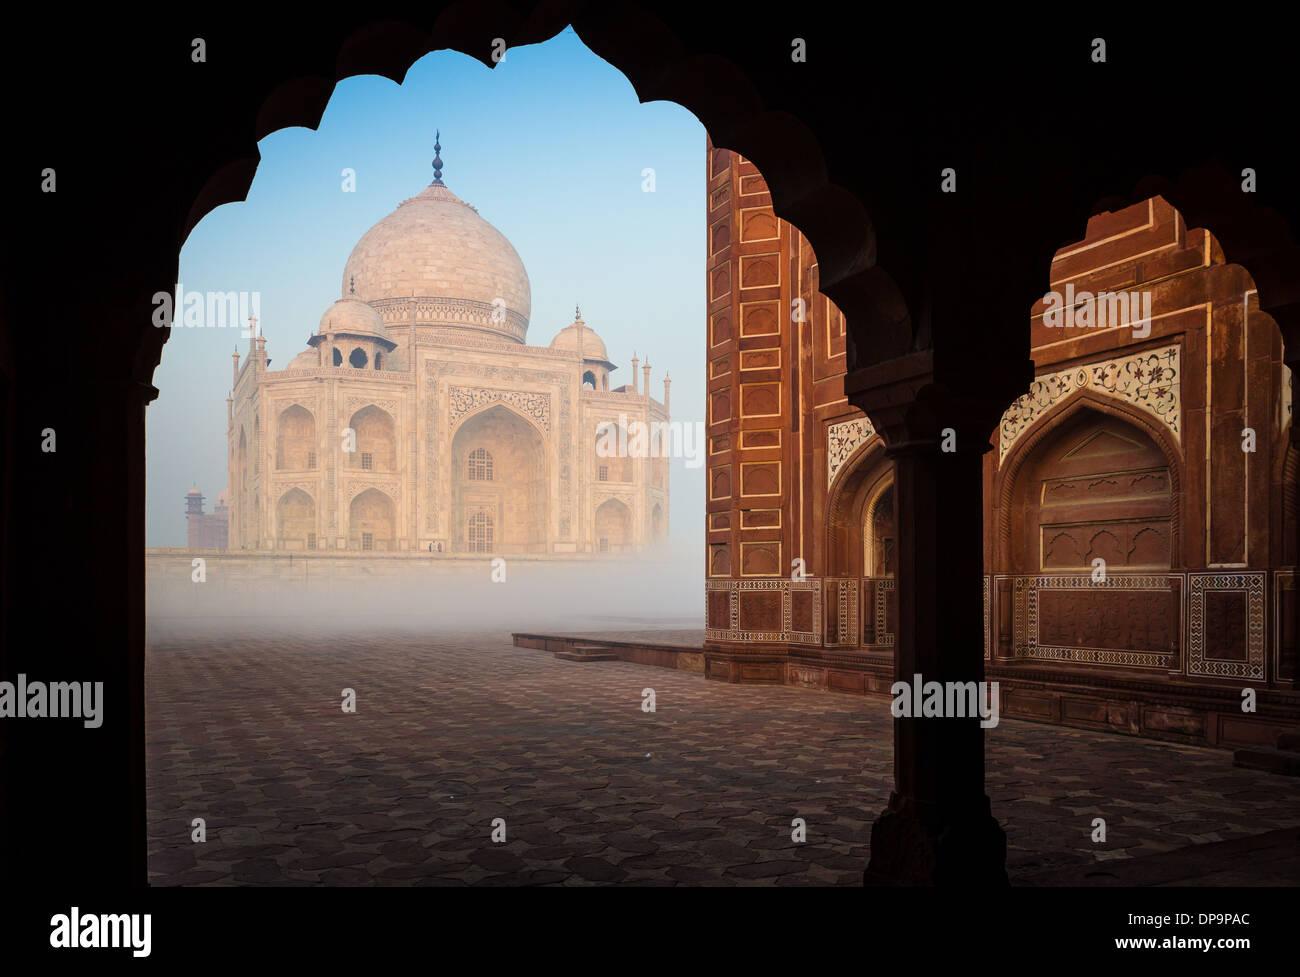 Le Taj Mahal est un mausolée de marbre blanc situé à Agra, Uttar Pradesh, Inde Photo Stock